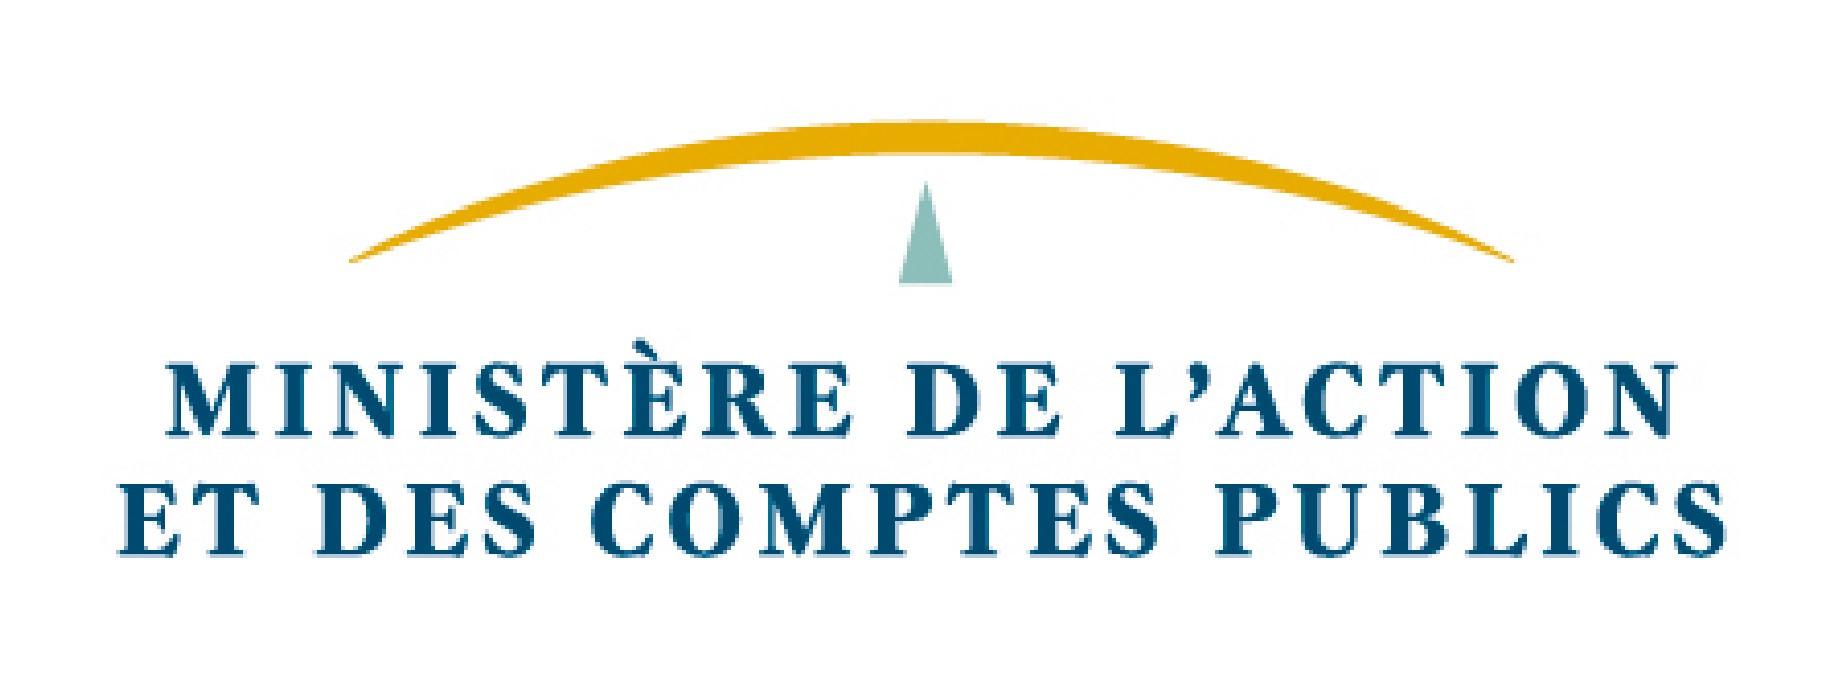 Ministere-Action-et-Comptes-Publics